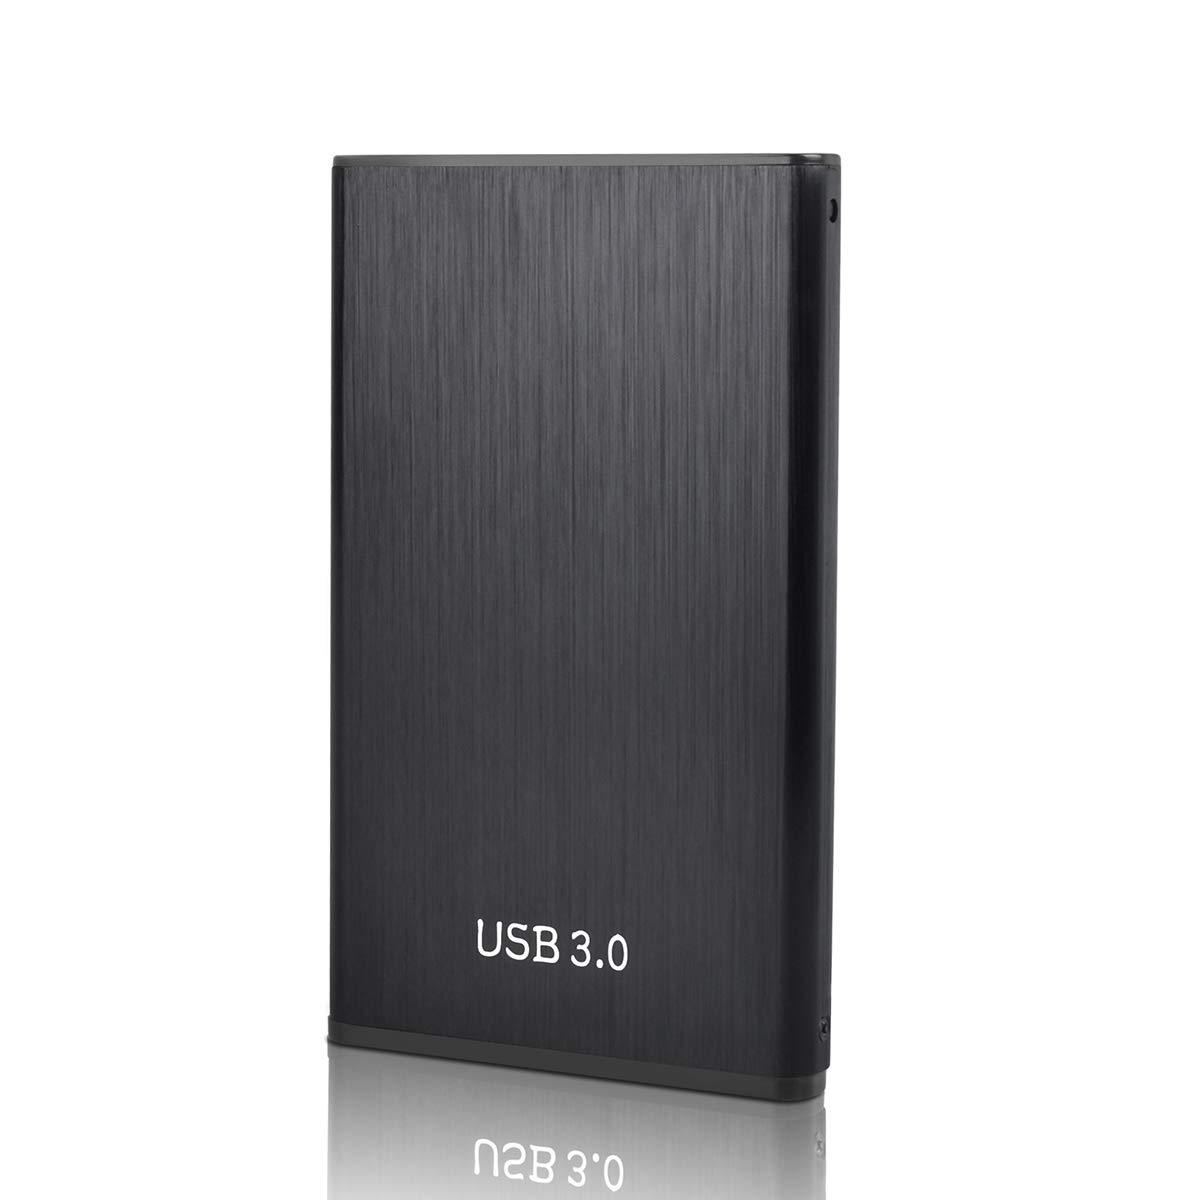 Wii U pour Mac 2.5 1To Disque Dur Externe USB3.0 SATA Stockage HDD pour PC Ordinateur de Bureaup Xbox,ps4 Ordinateur Portable